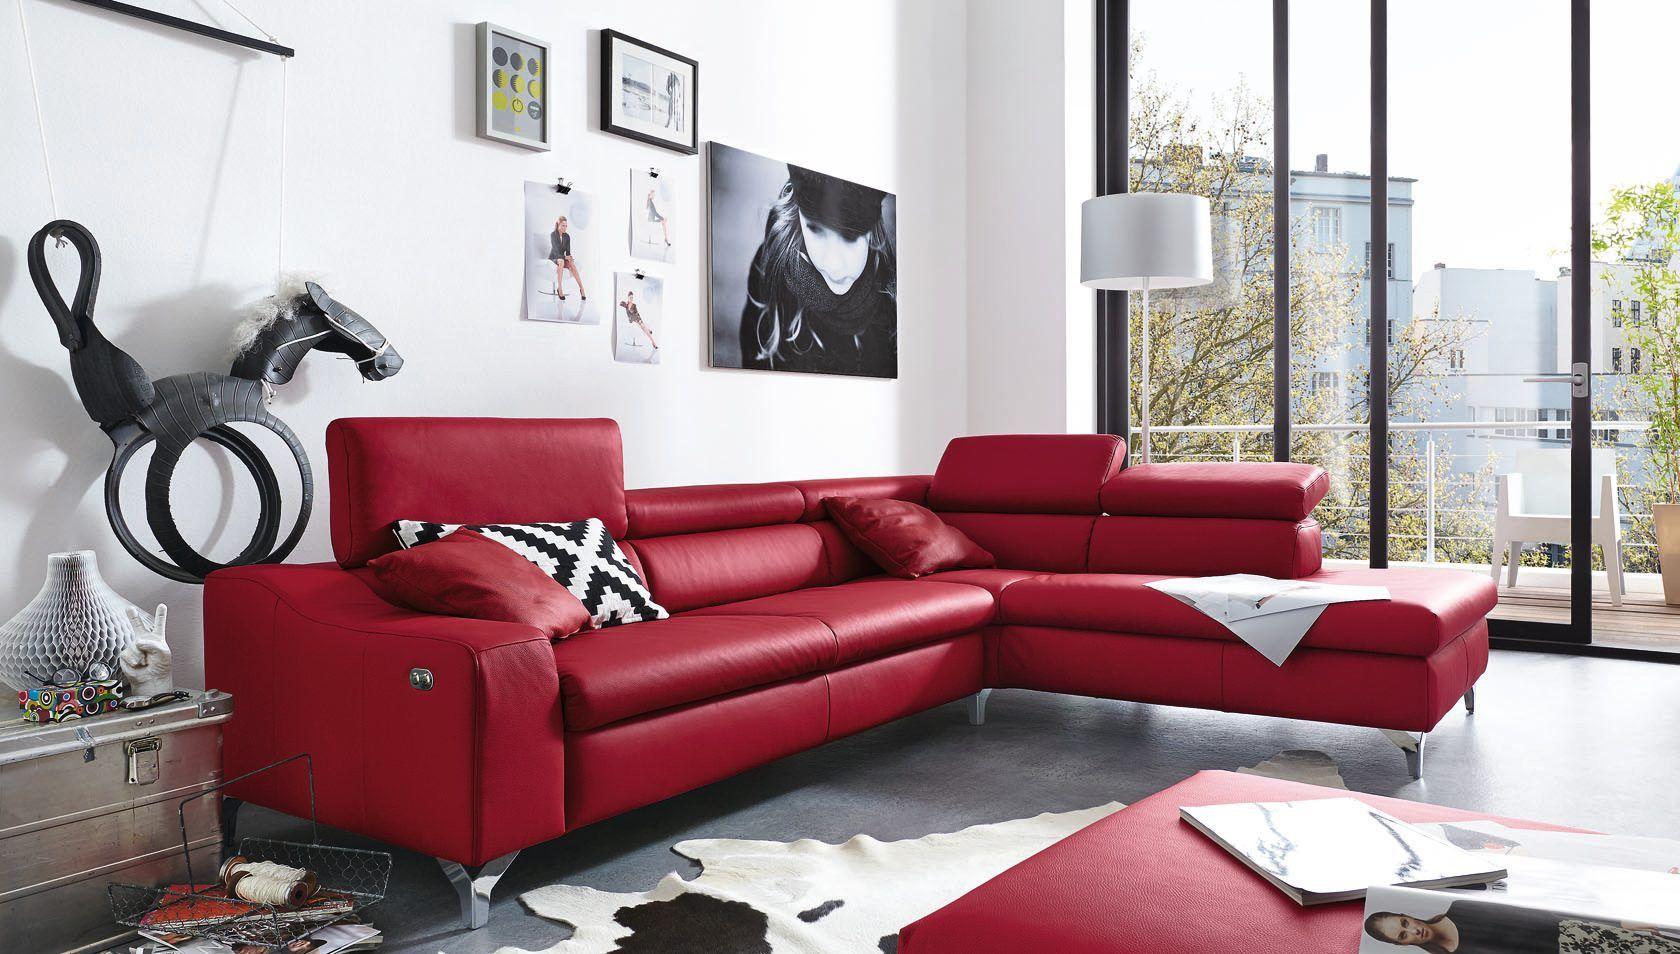 Musterring Wohnzimmermöbel ~ Home u a musterring international home sweet home